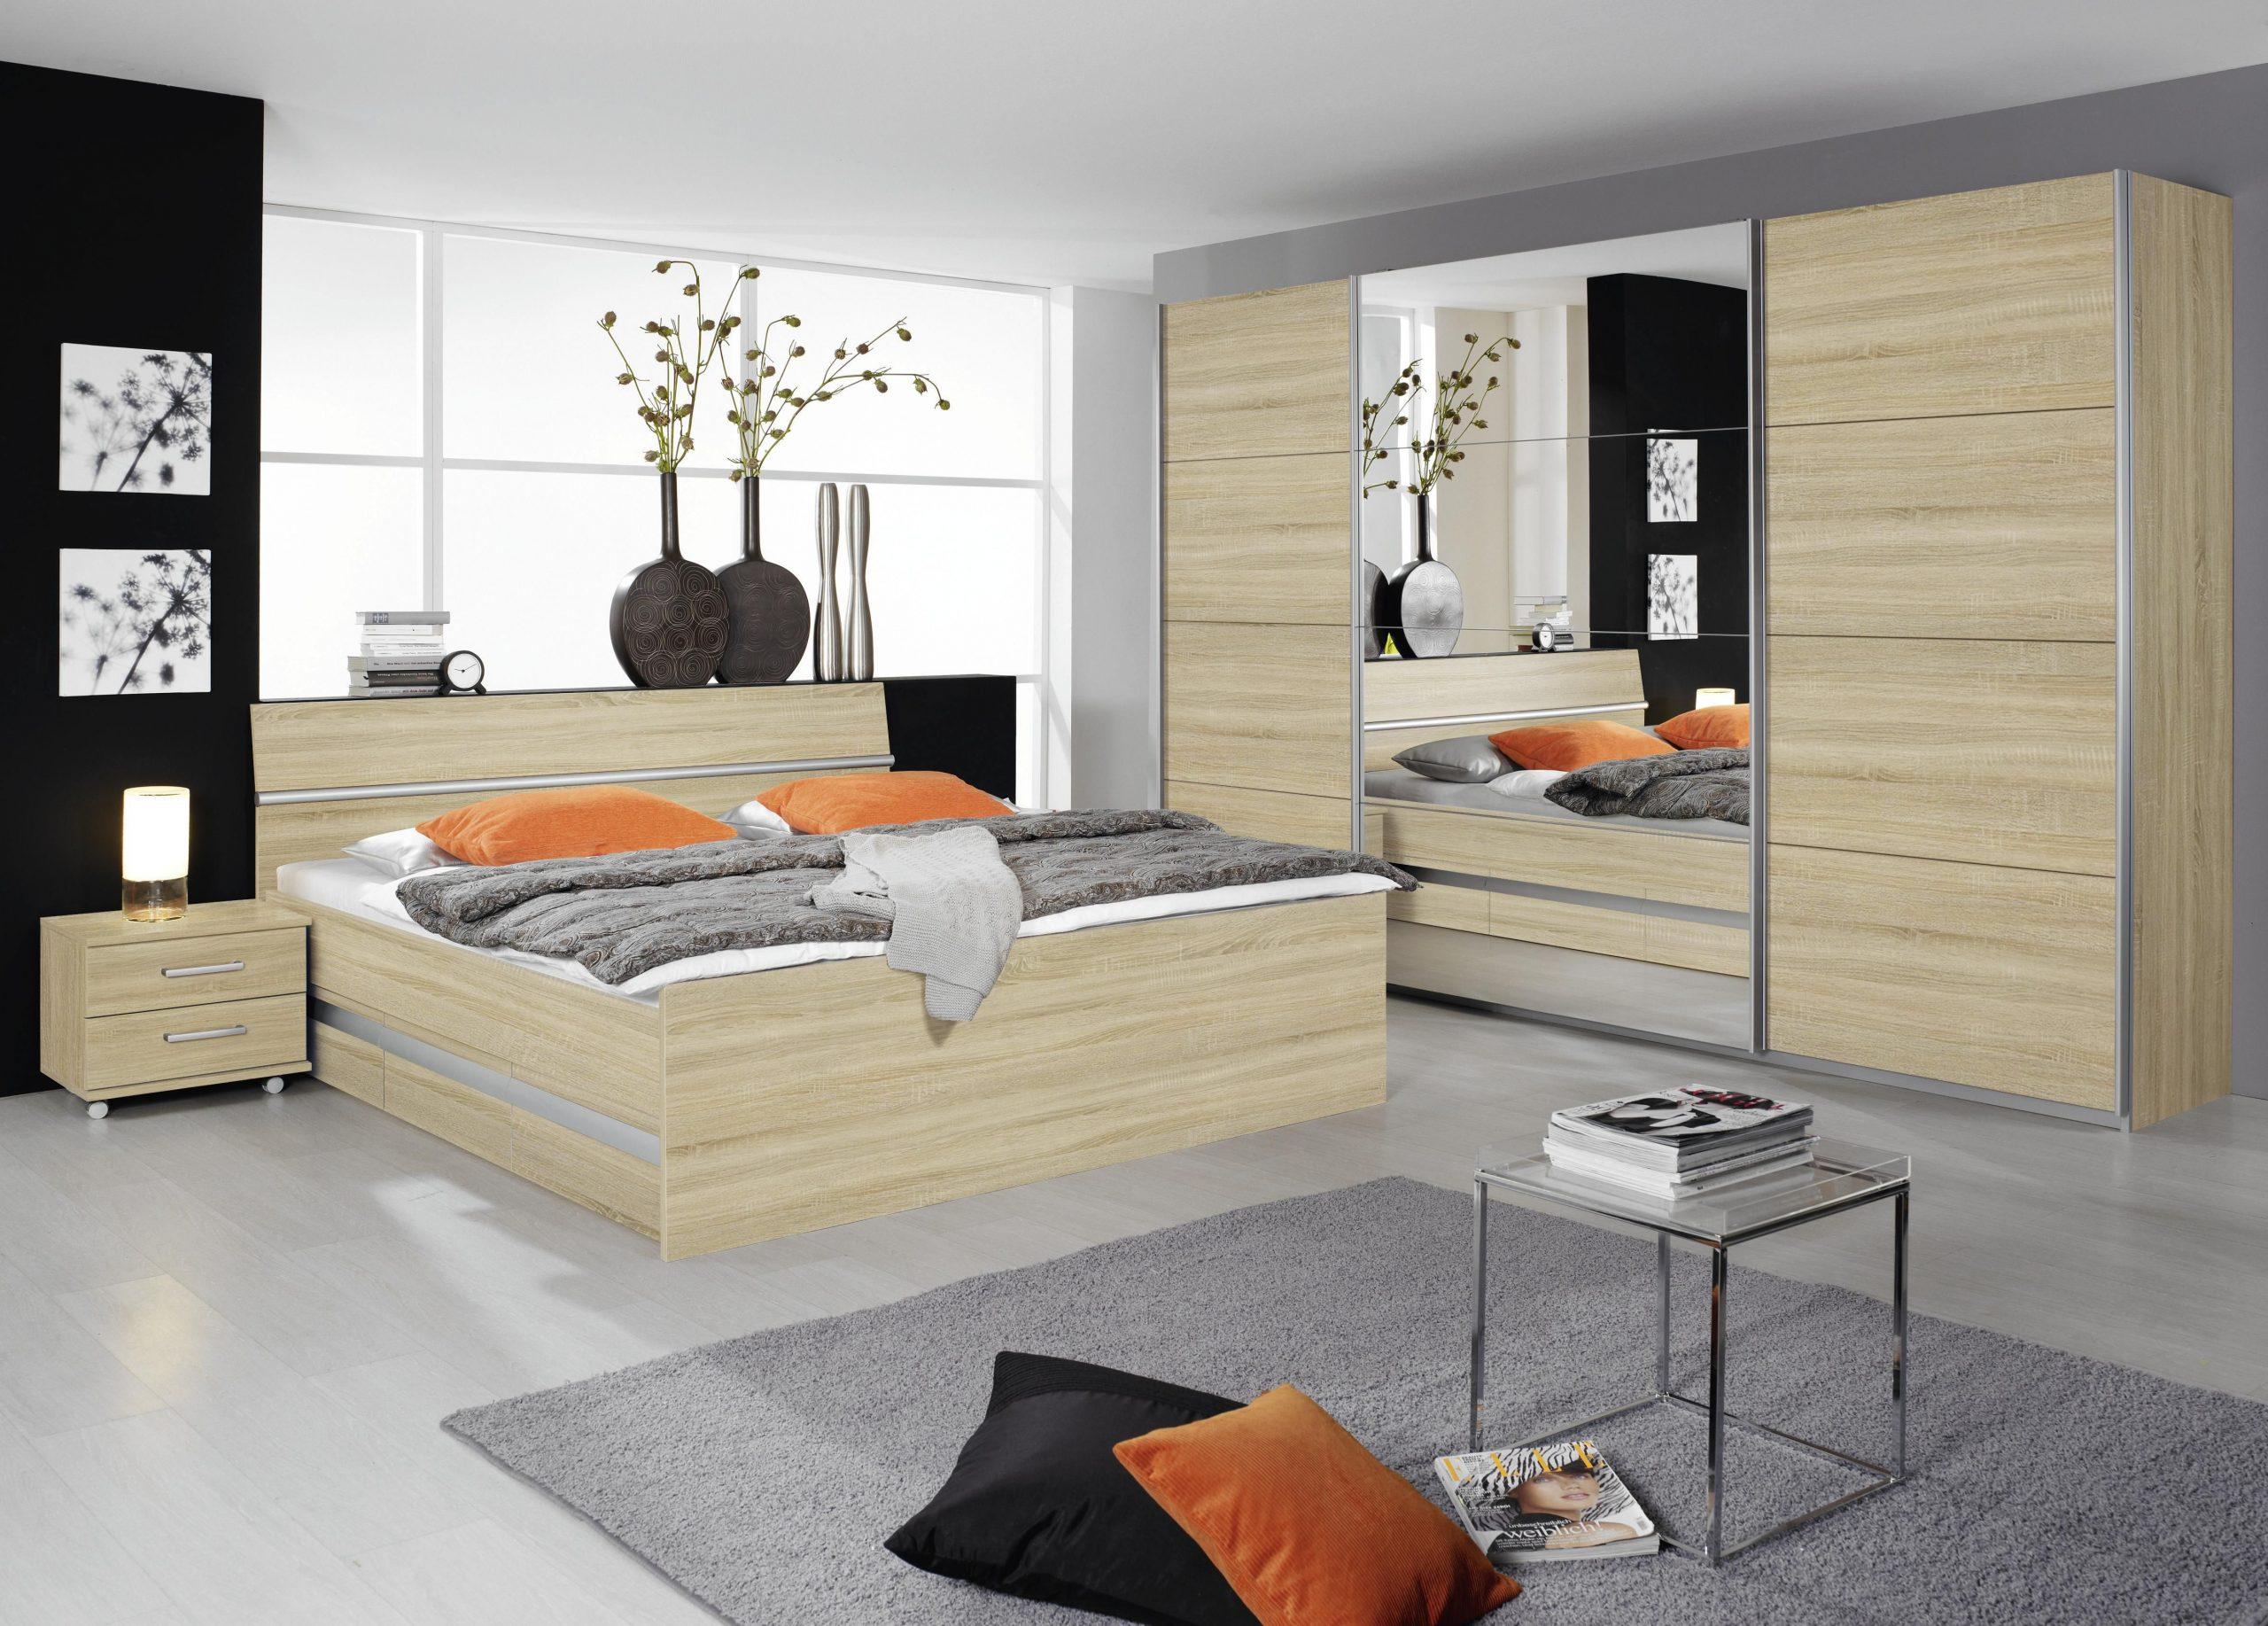 Full Size of Genial Schlafzimmer Komplett Gnstig Poco Furniture Günstiges Bett Fototapete Günstige Küche Mit E Geräten Komplette Stuhl Für Luxus Wandtattoo Komplettes Schlafzimmer Günstige Schlafzimmer Komplett